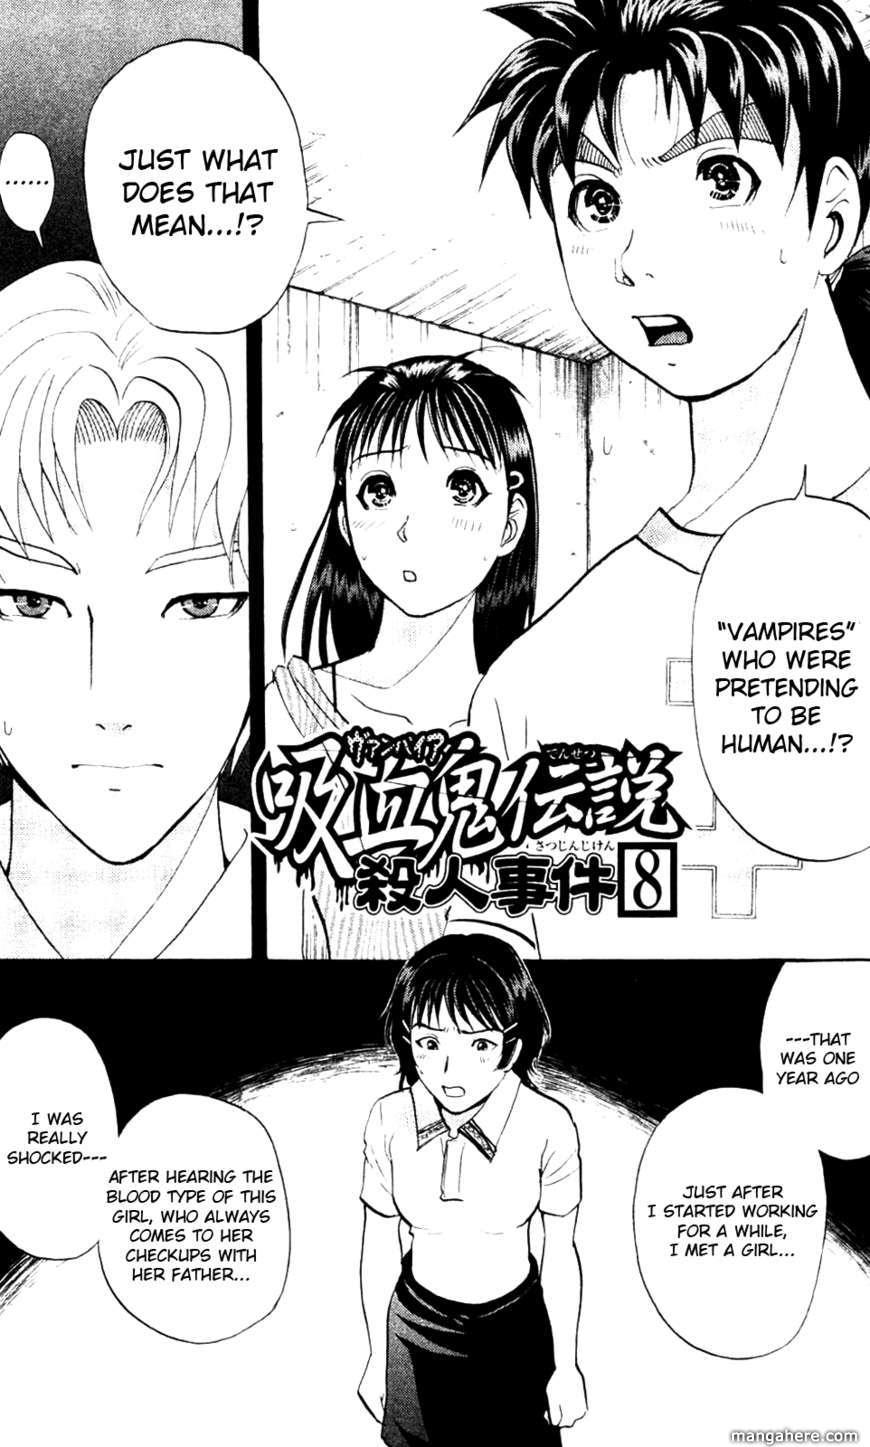 Kindaichi Shounen no Jikenbo: Vanpaia Densetsu Satsujin Jiken 8 Page 1